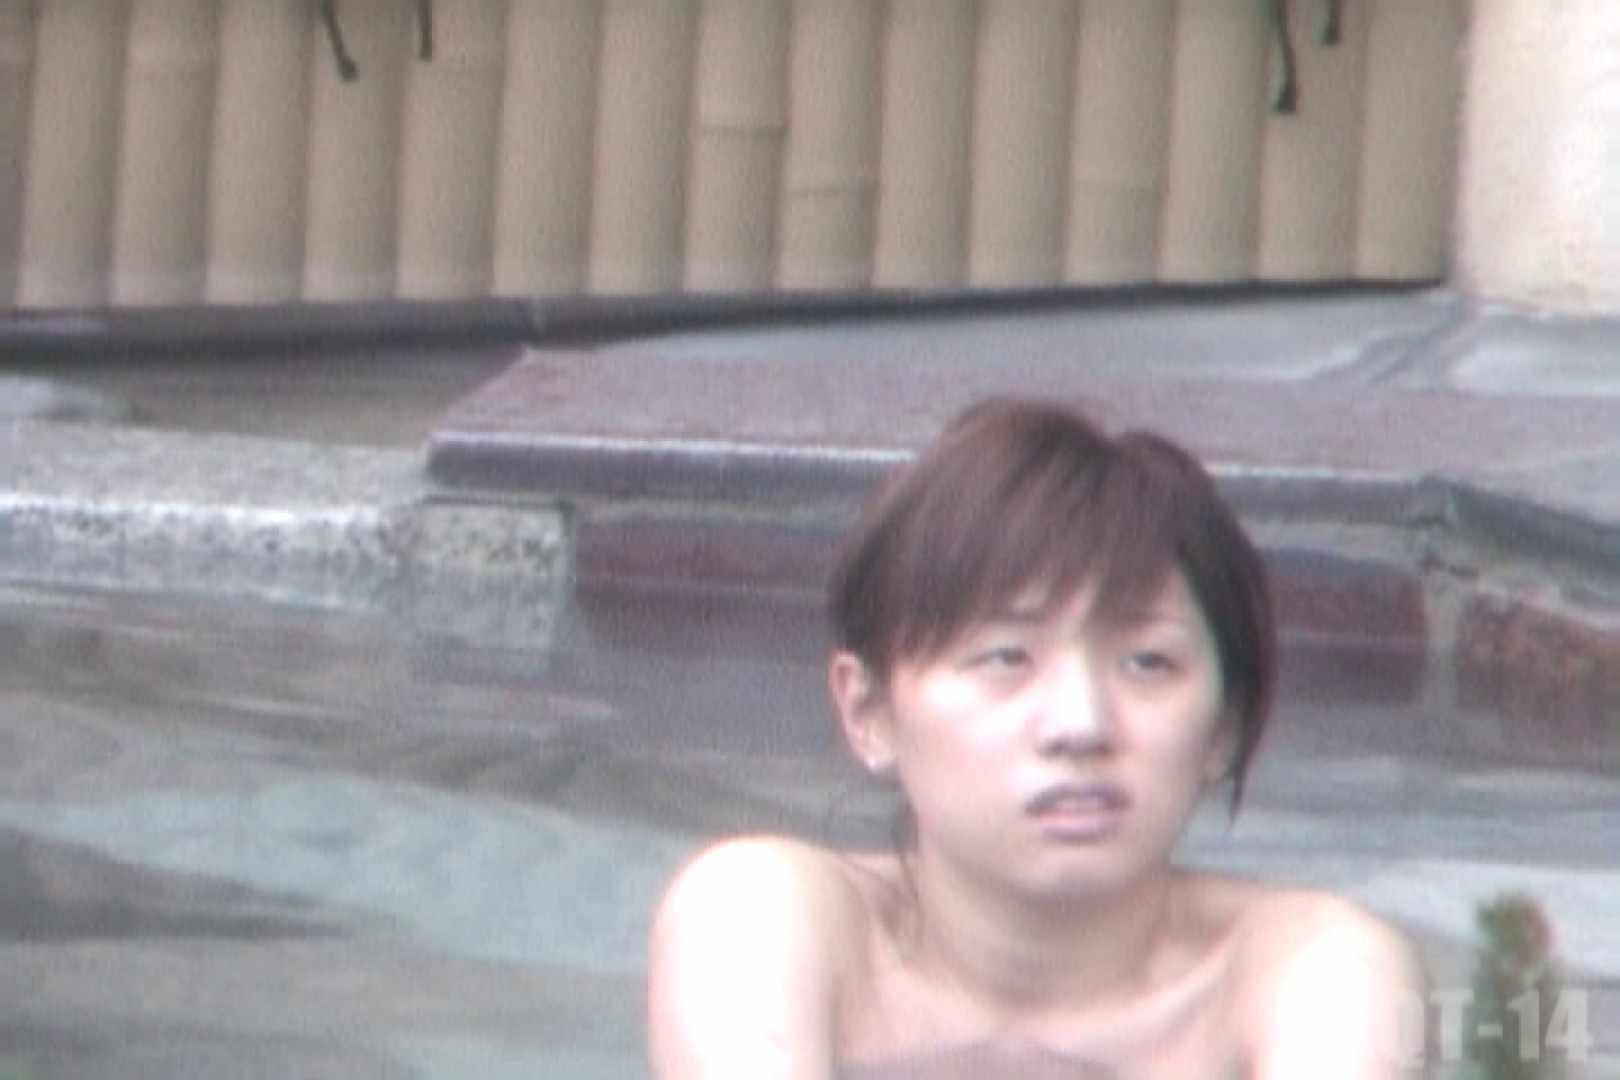 Aquaな露天風呂Vol.821 美しいOLの裸体 オメコ無修正動画無料 78pic 47